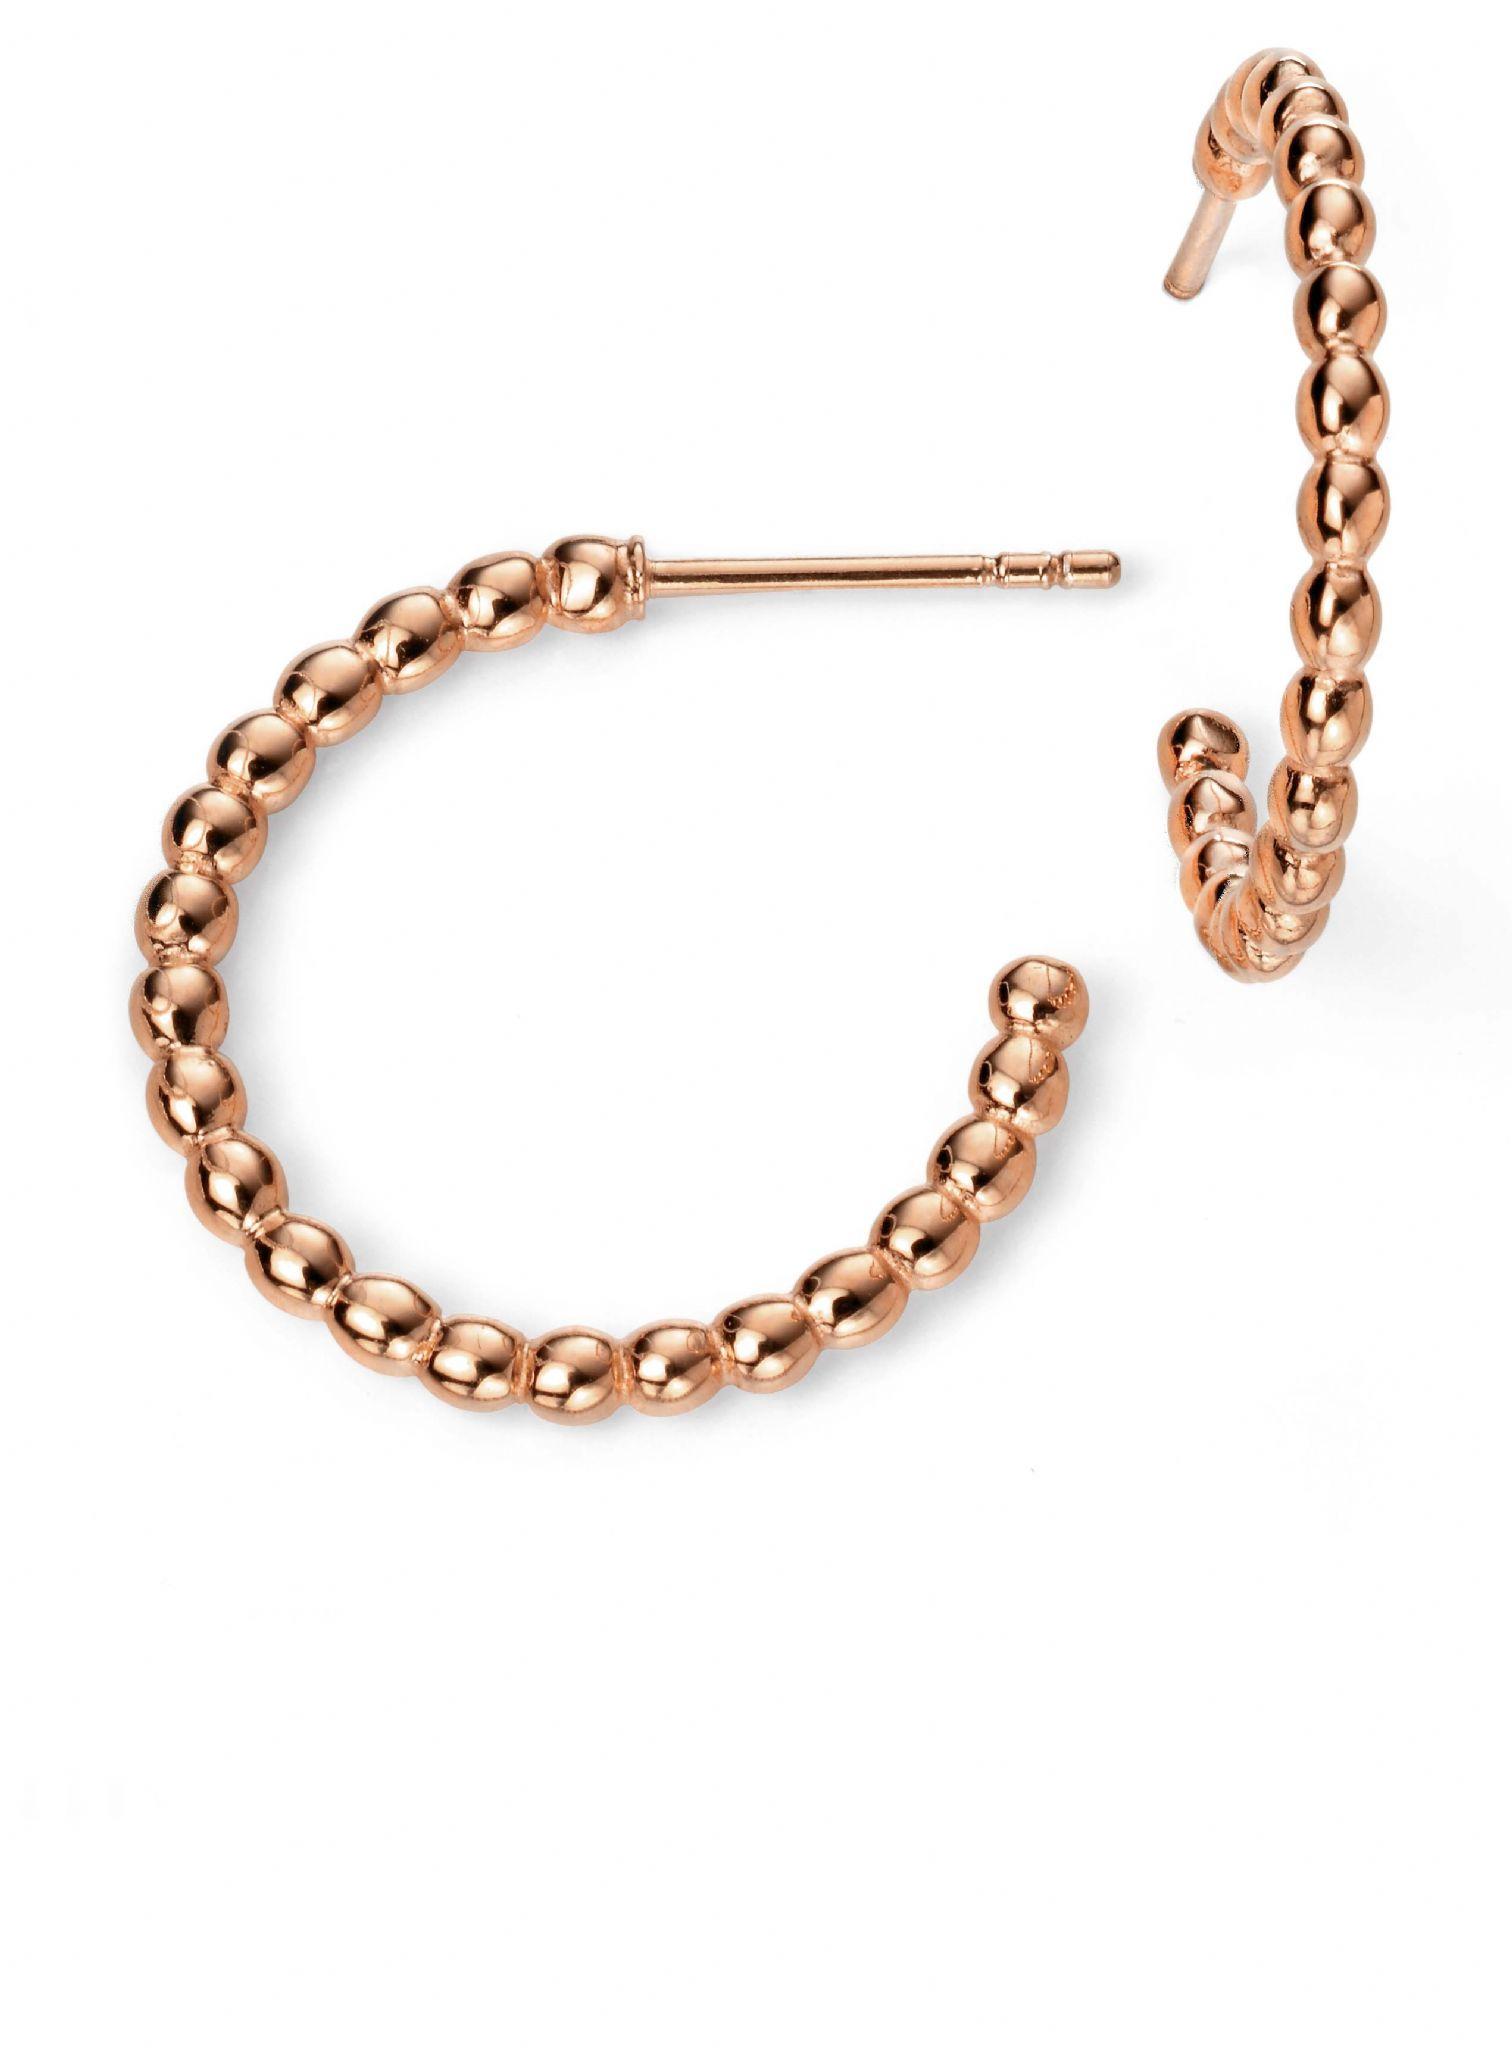 Rose Gold Plated Ball Hoop Earrings - johnmacintyre